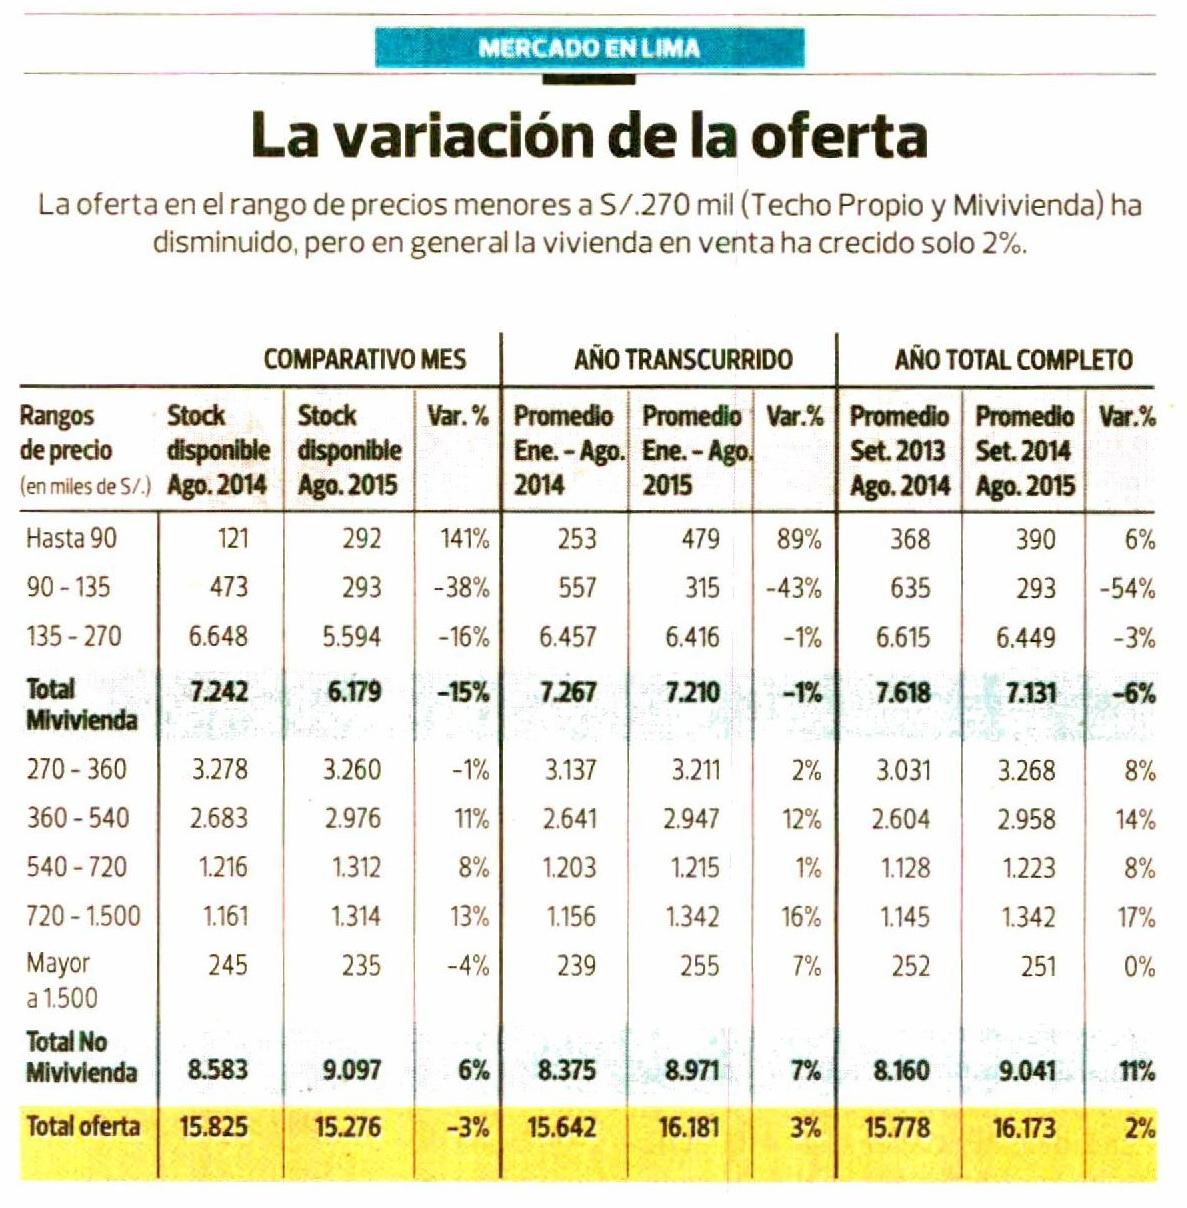 Viviendas de menor precio siguen manteniendo una oferta for Vivienda reducida